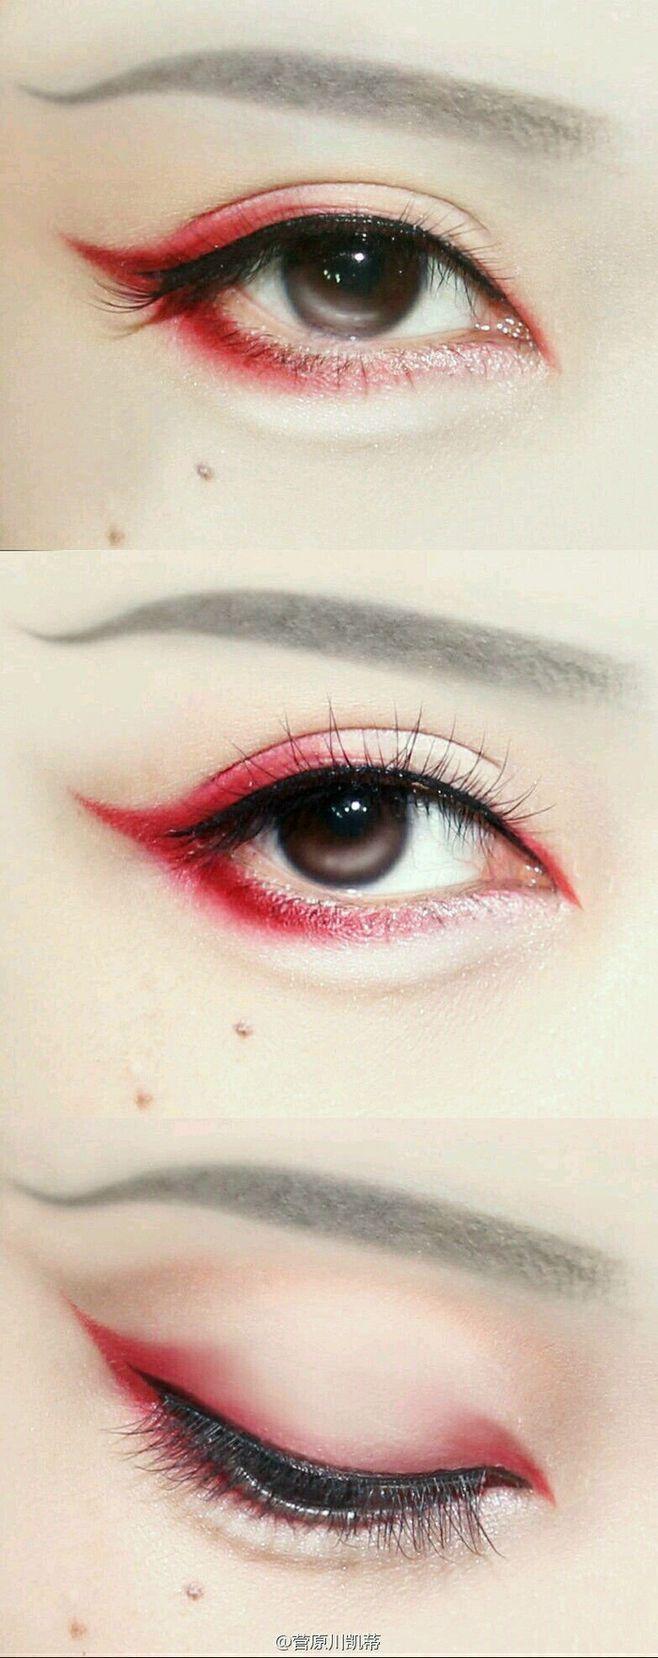 #geisha #makeup #eyeshadow #eyeliner #eyemakeup #eye – Best Eyebrows